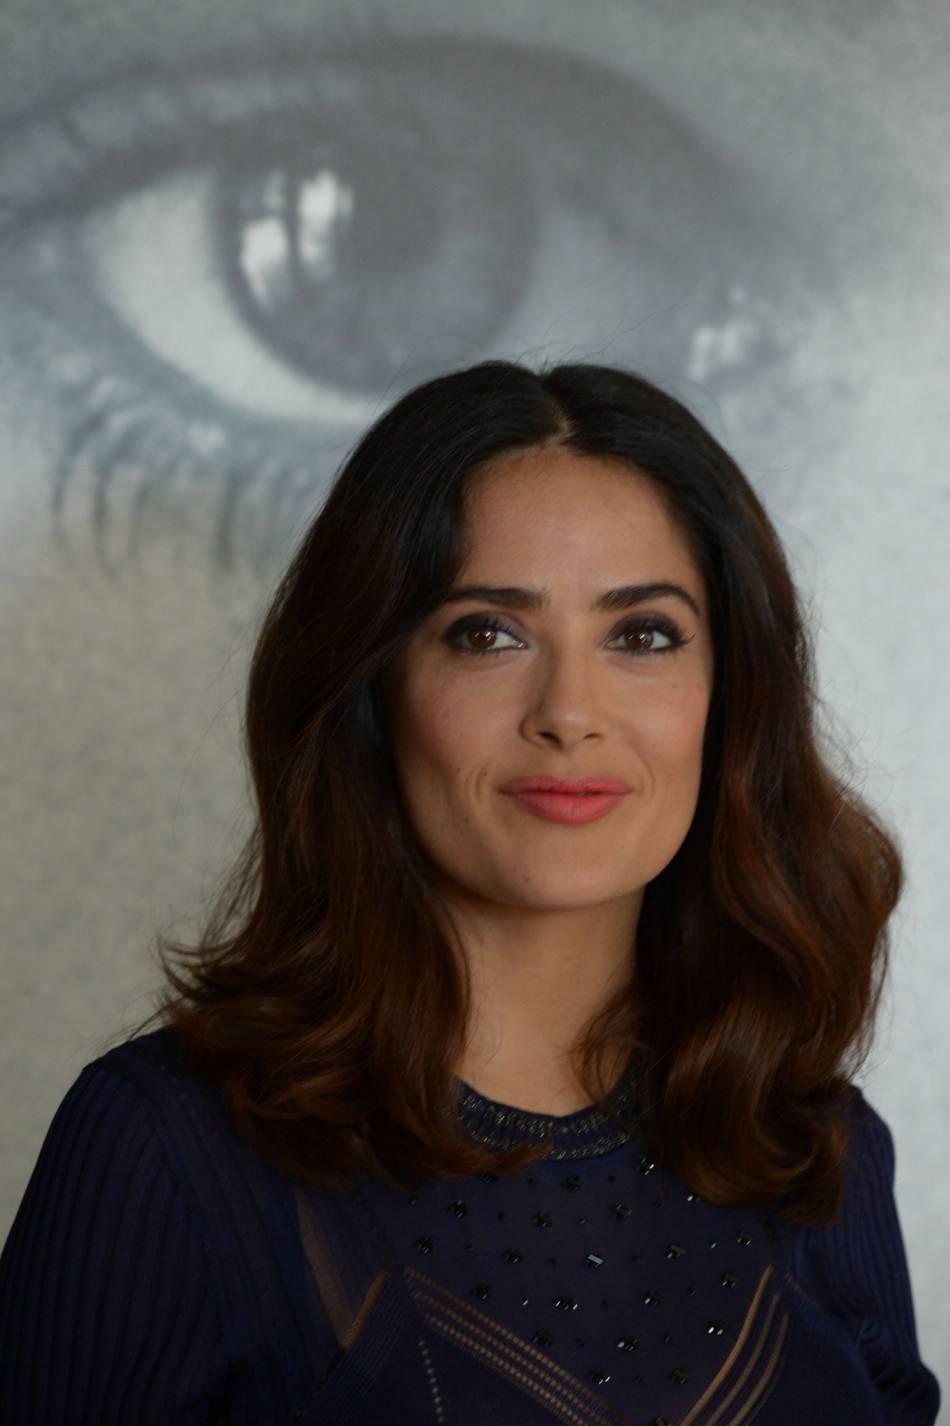 Salma Hayek dévoile une mise en beauté glamour.